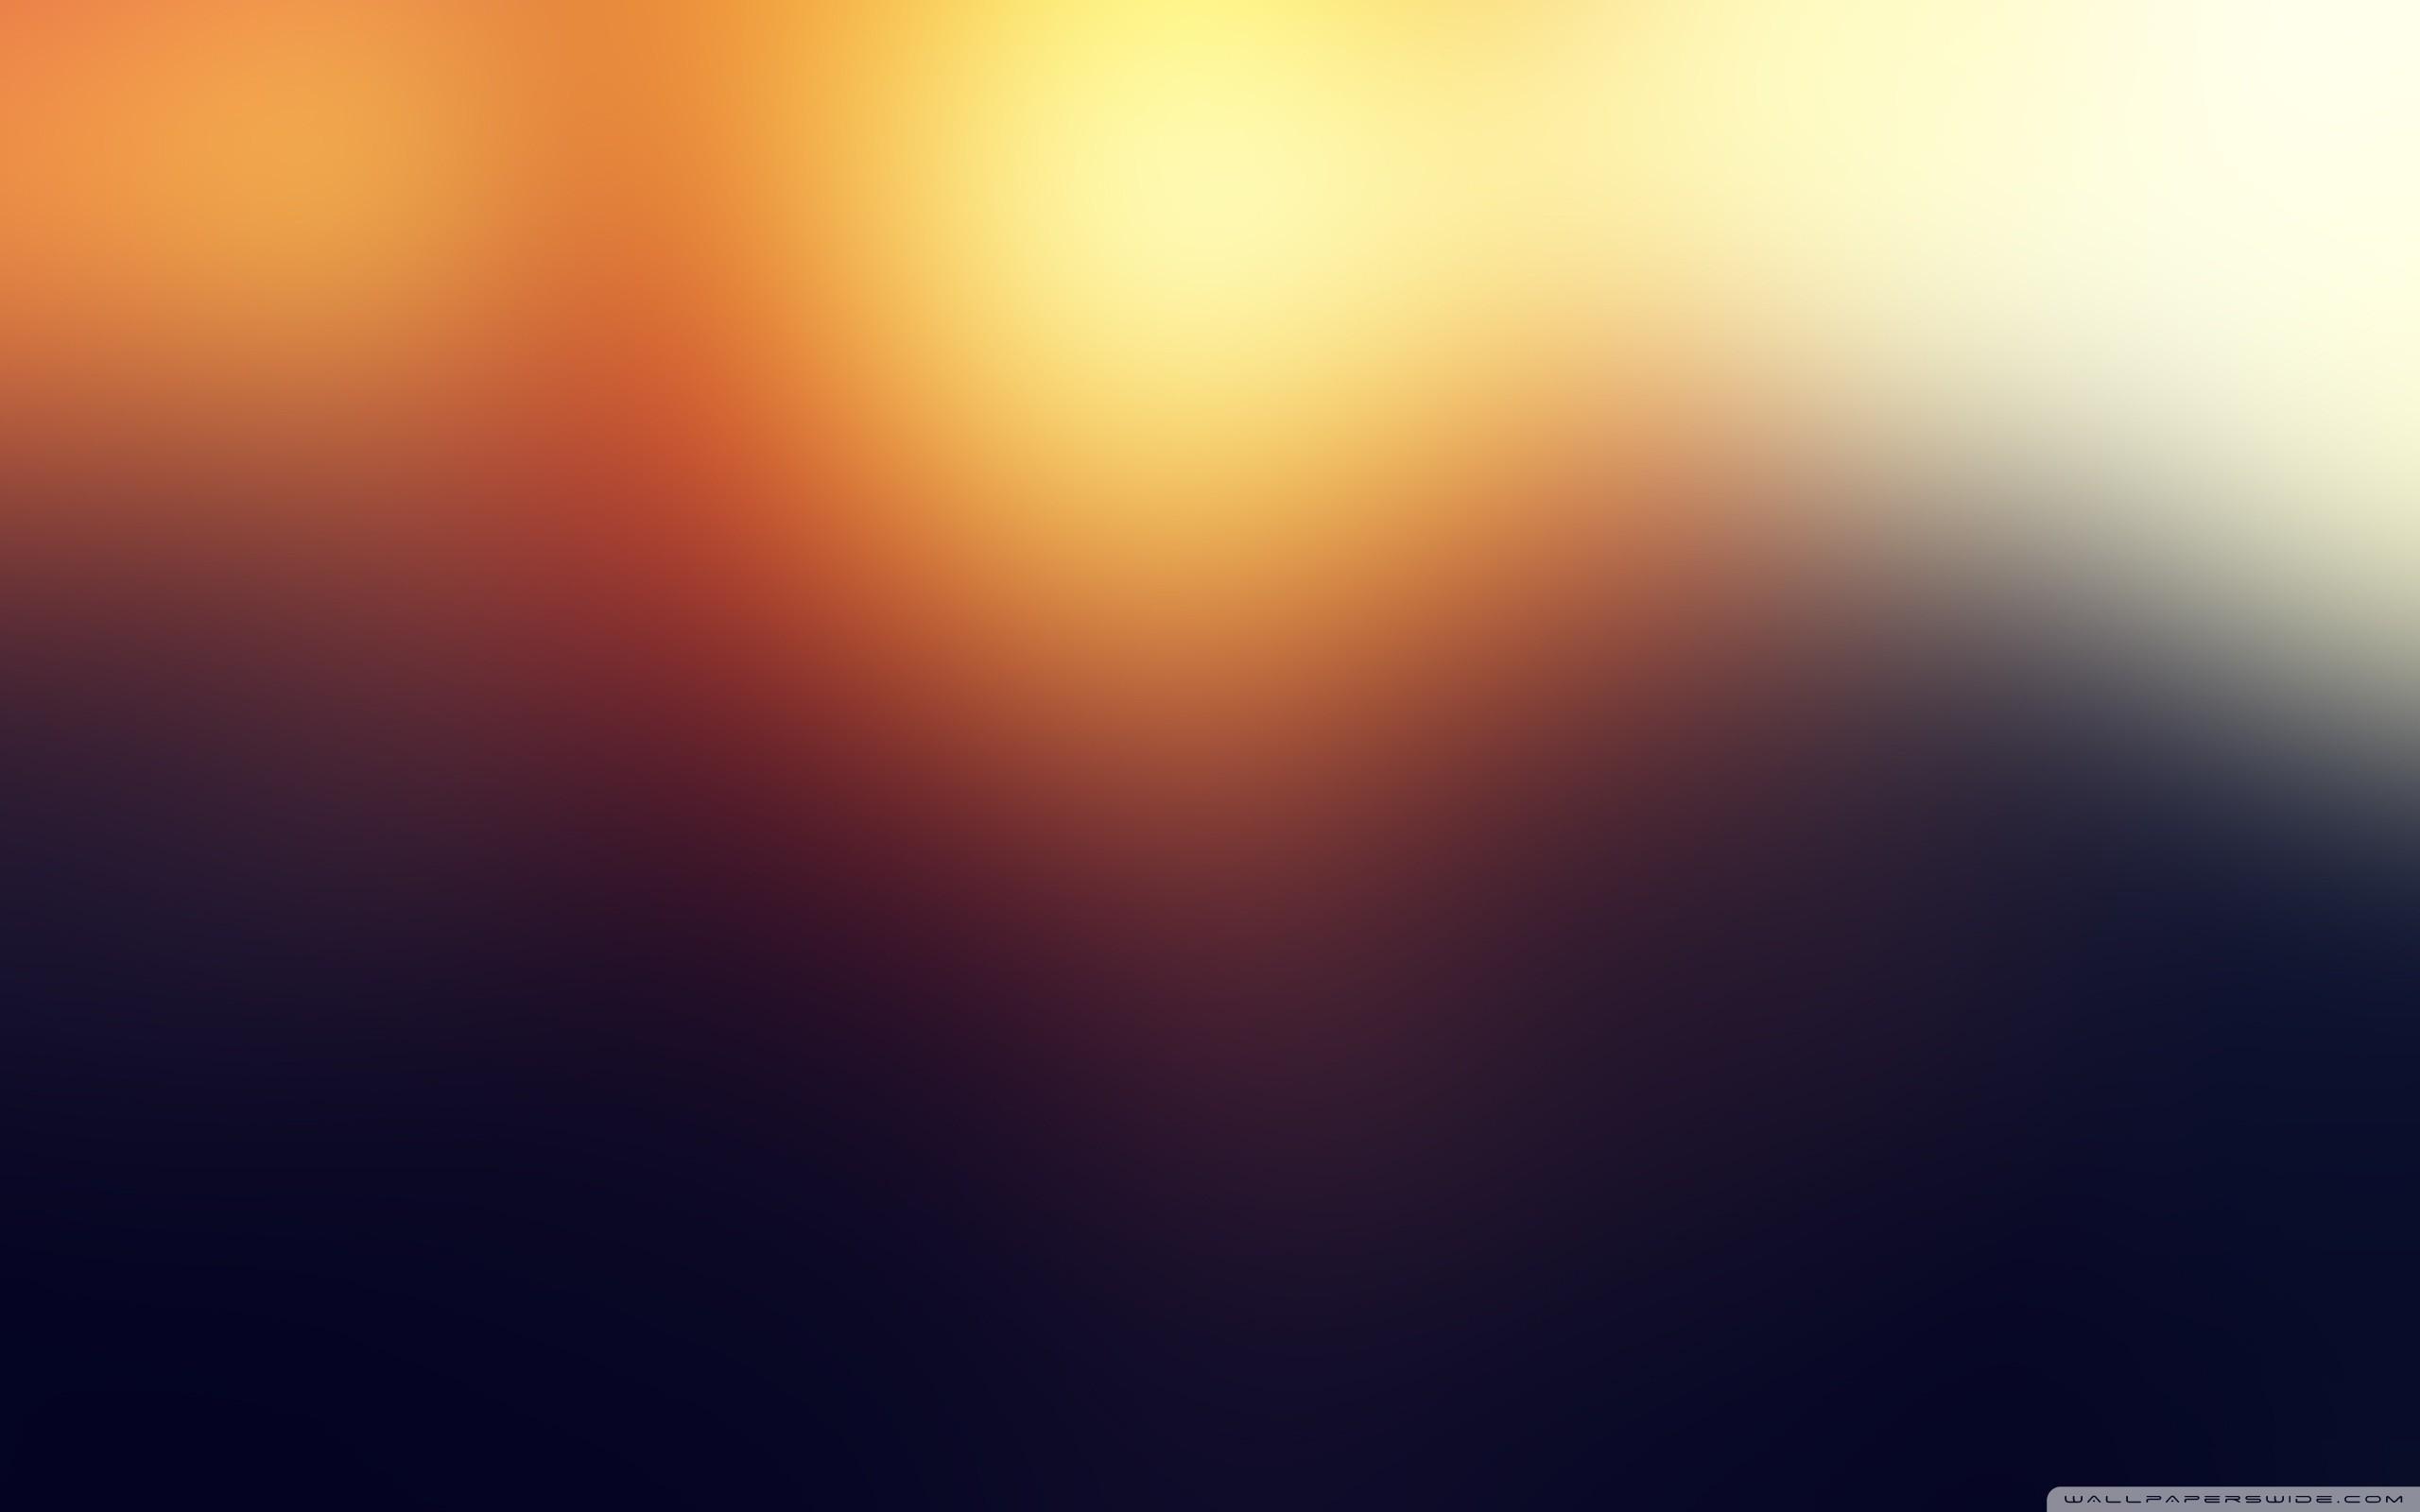 Blurry. 2560×1600. Blue Bokeh Wallpaper